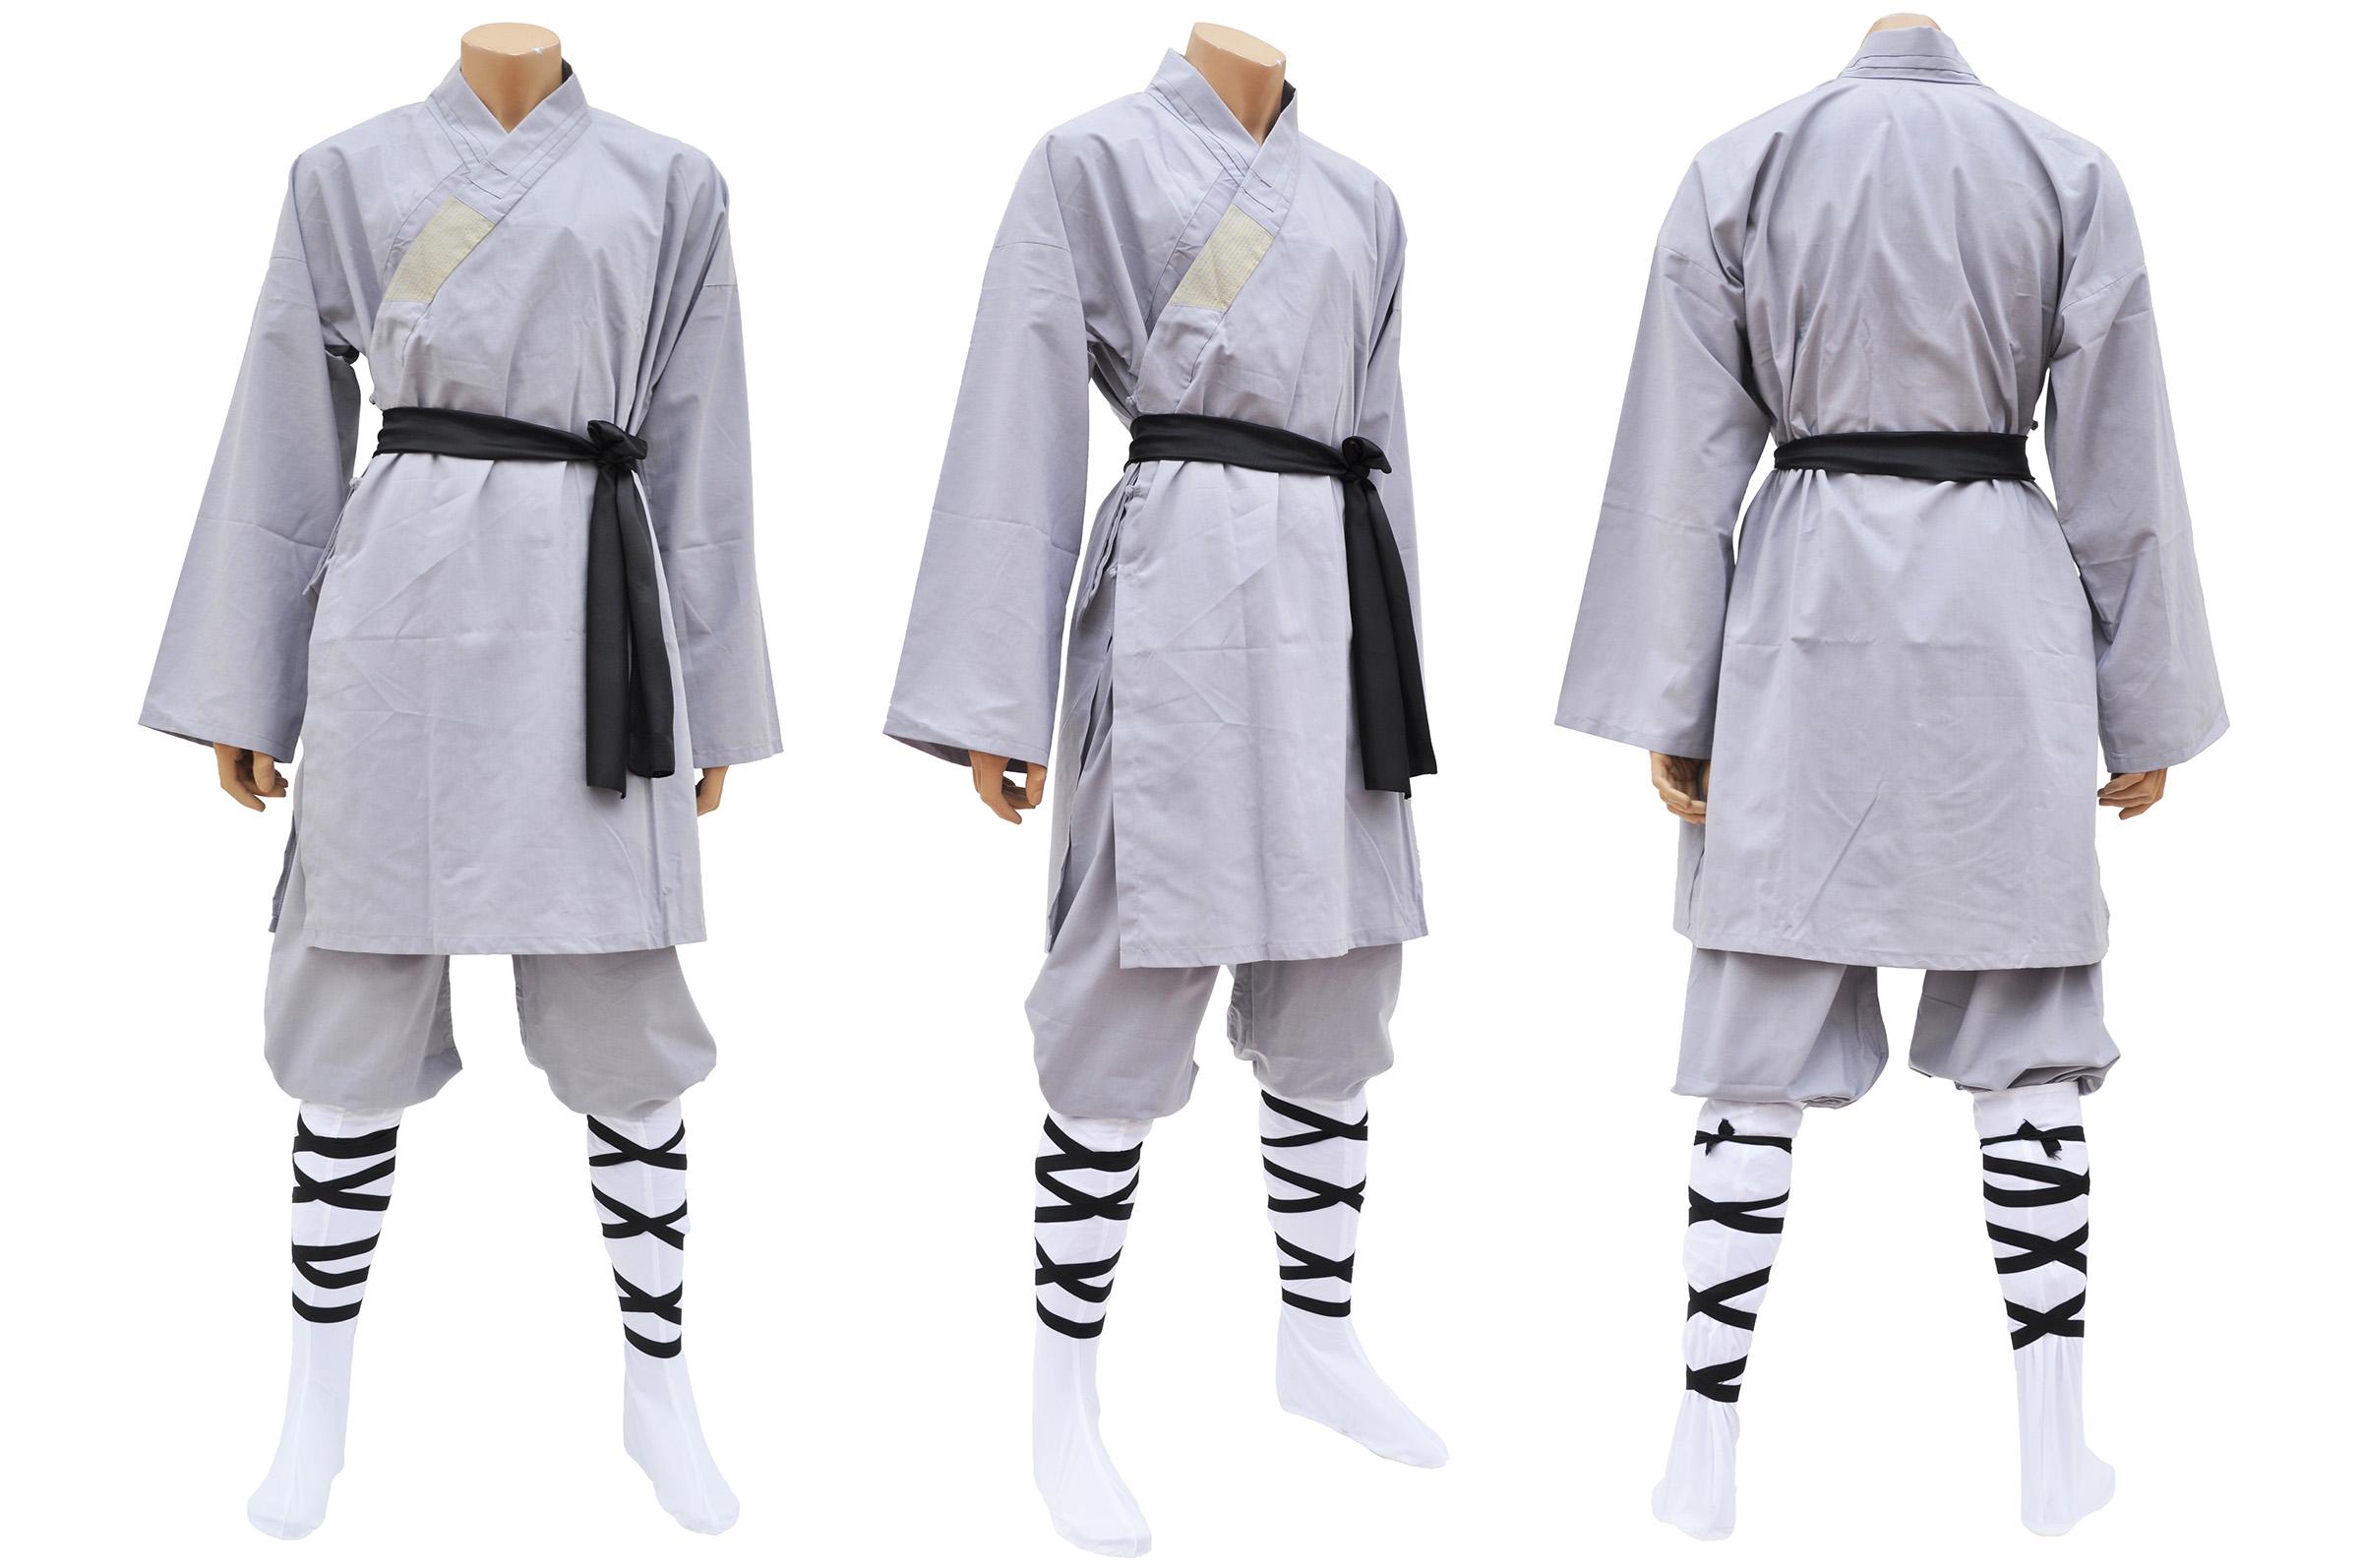 صراحة التغذية رتب kung fu dress